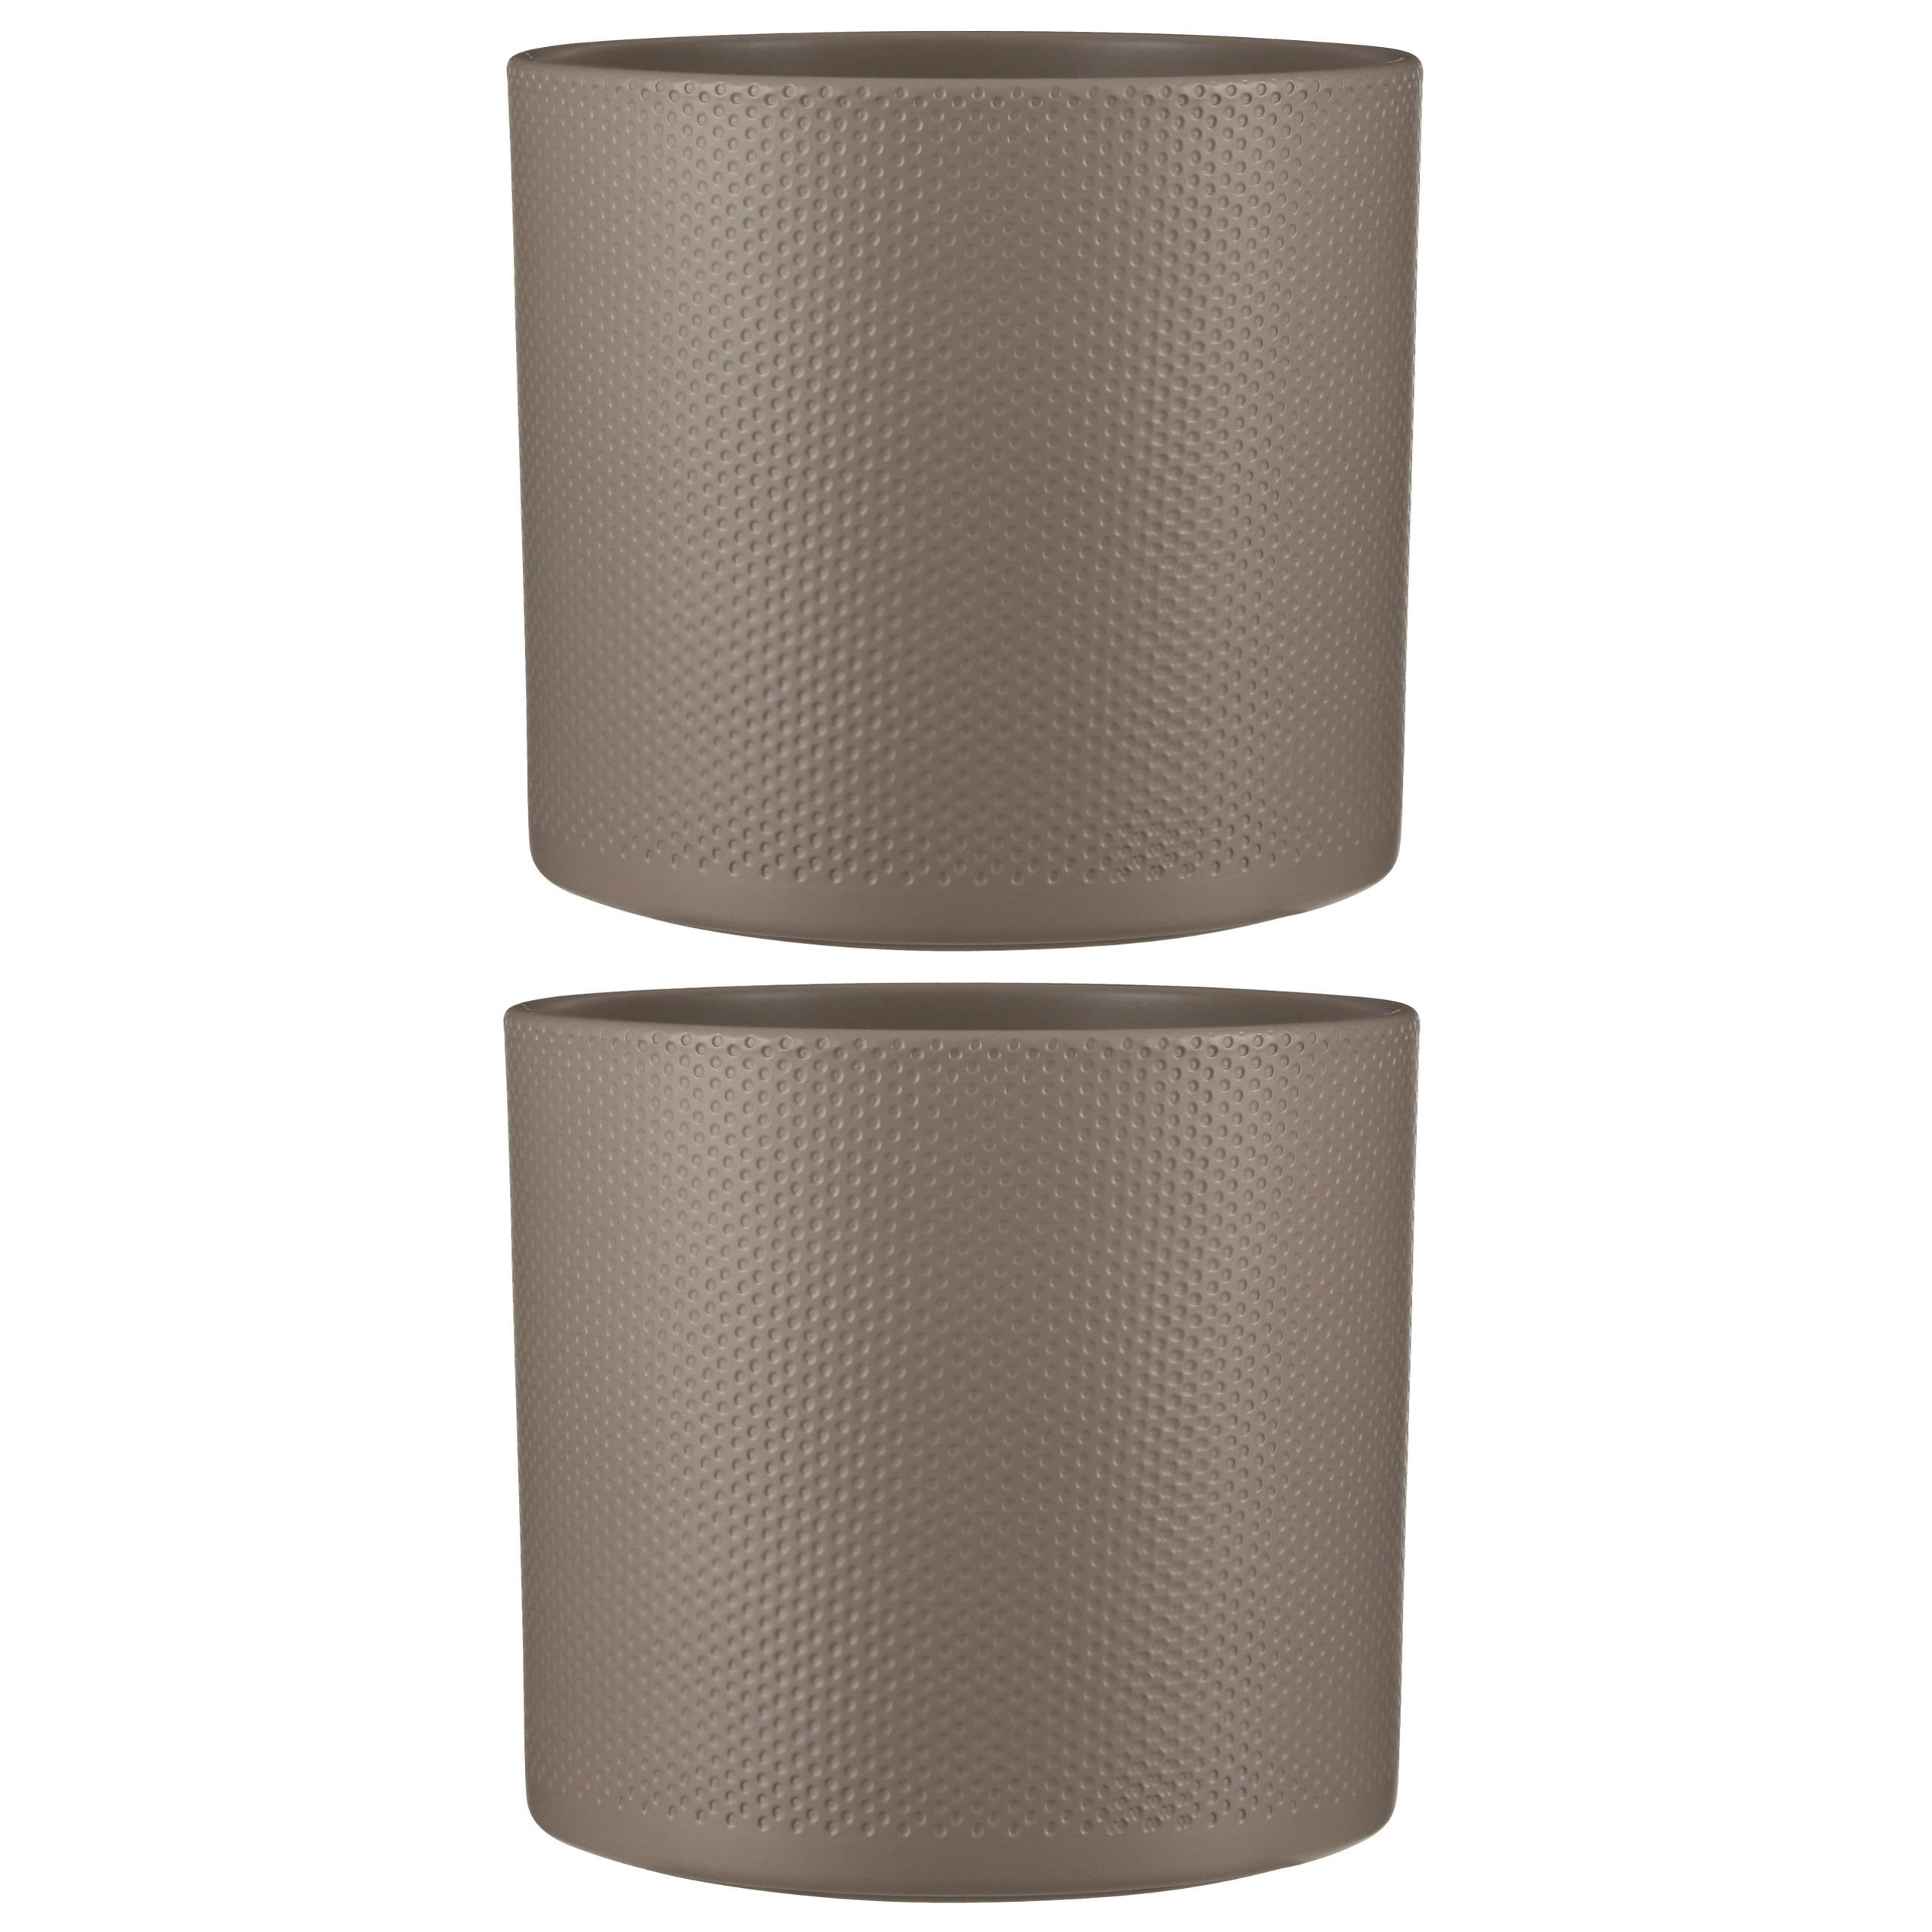 2x stuks bloempot in het relief taupe keramiek voor kamerplant H26 x D28 cm -